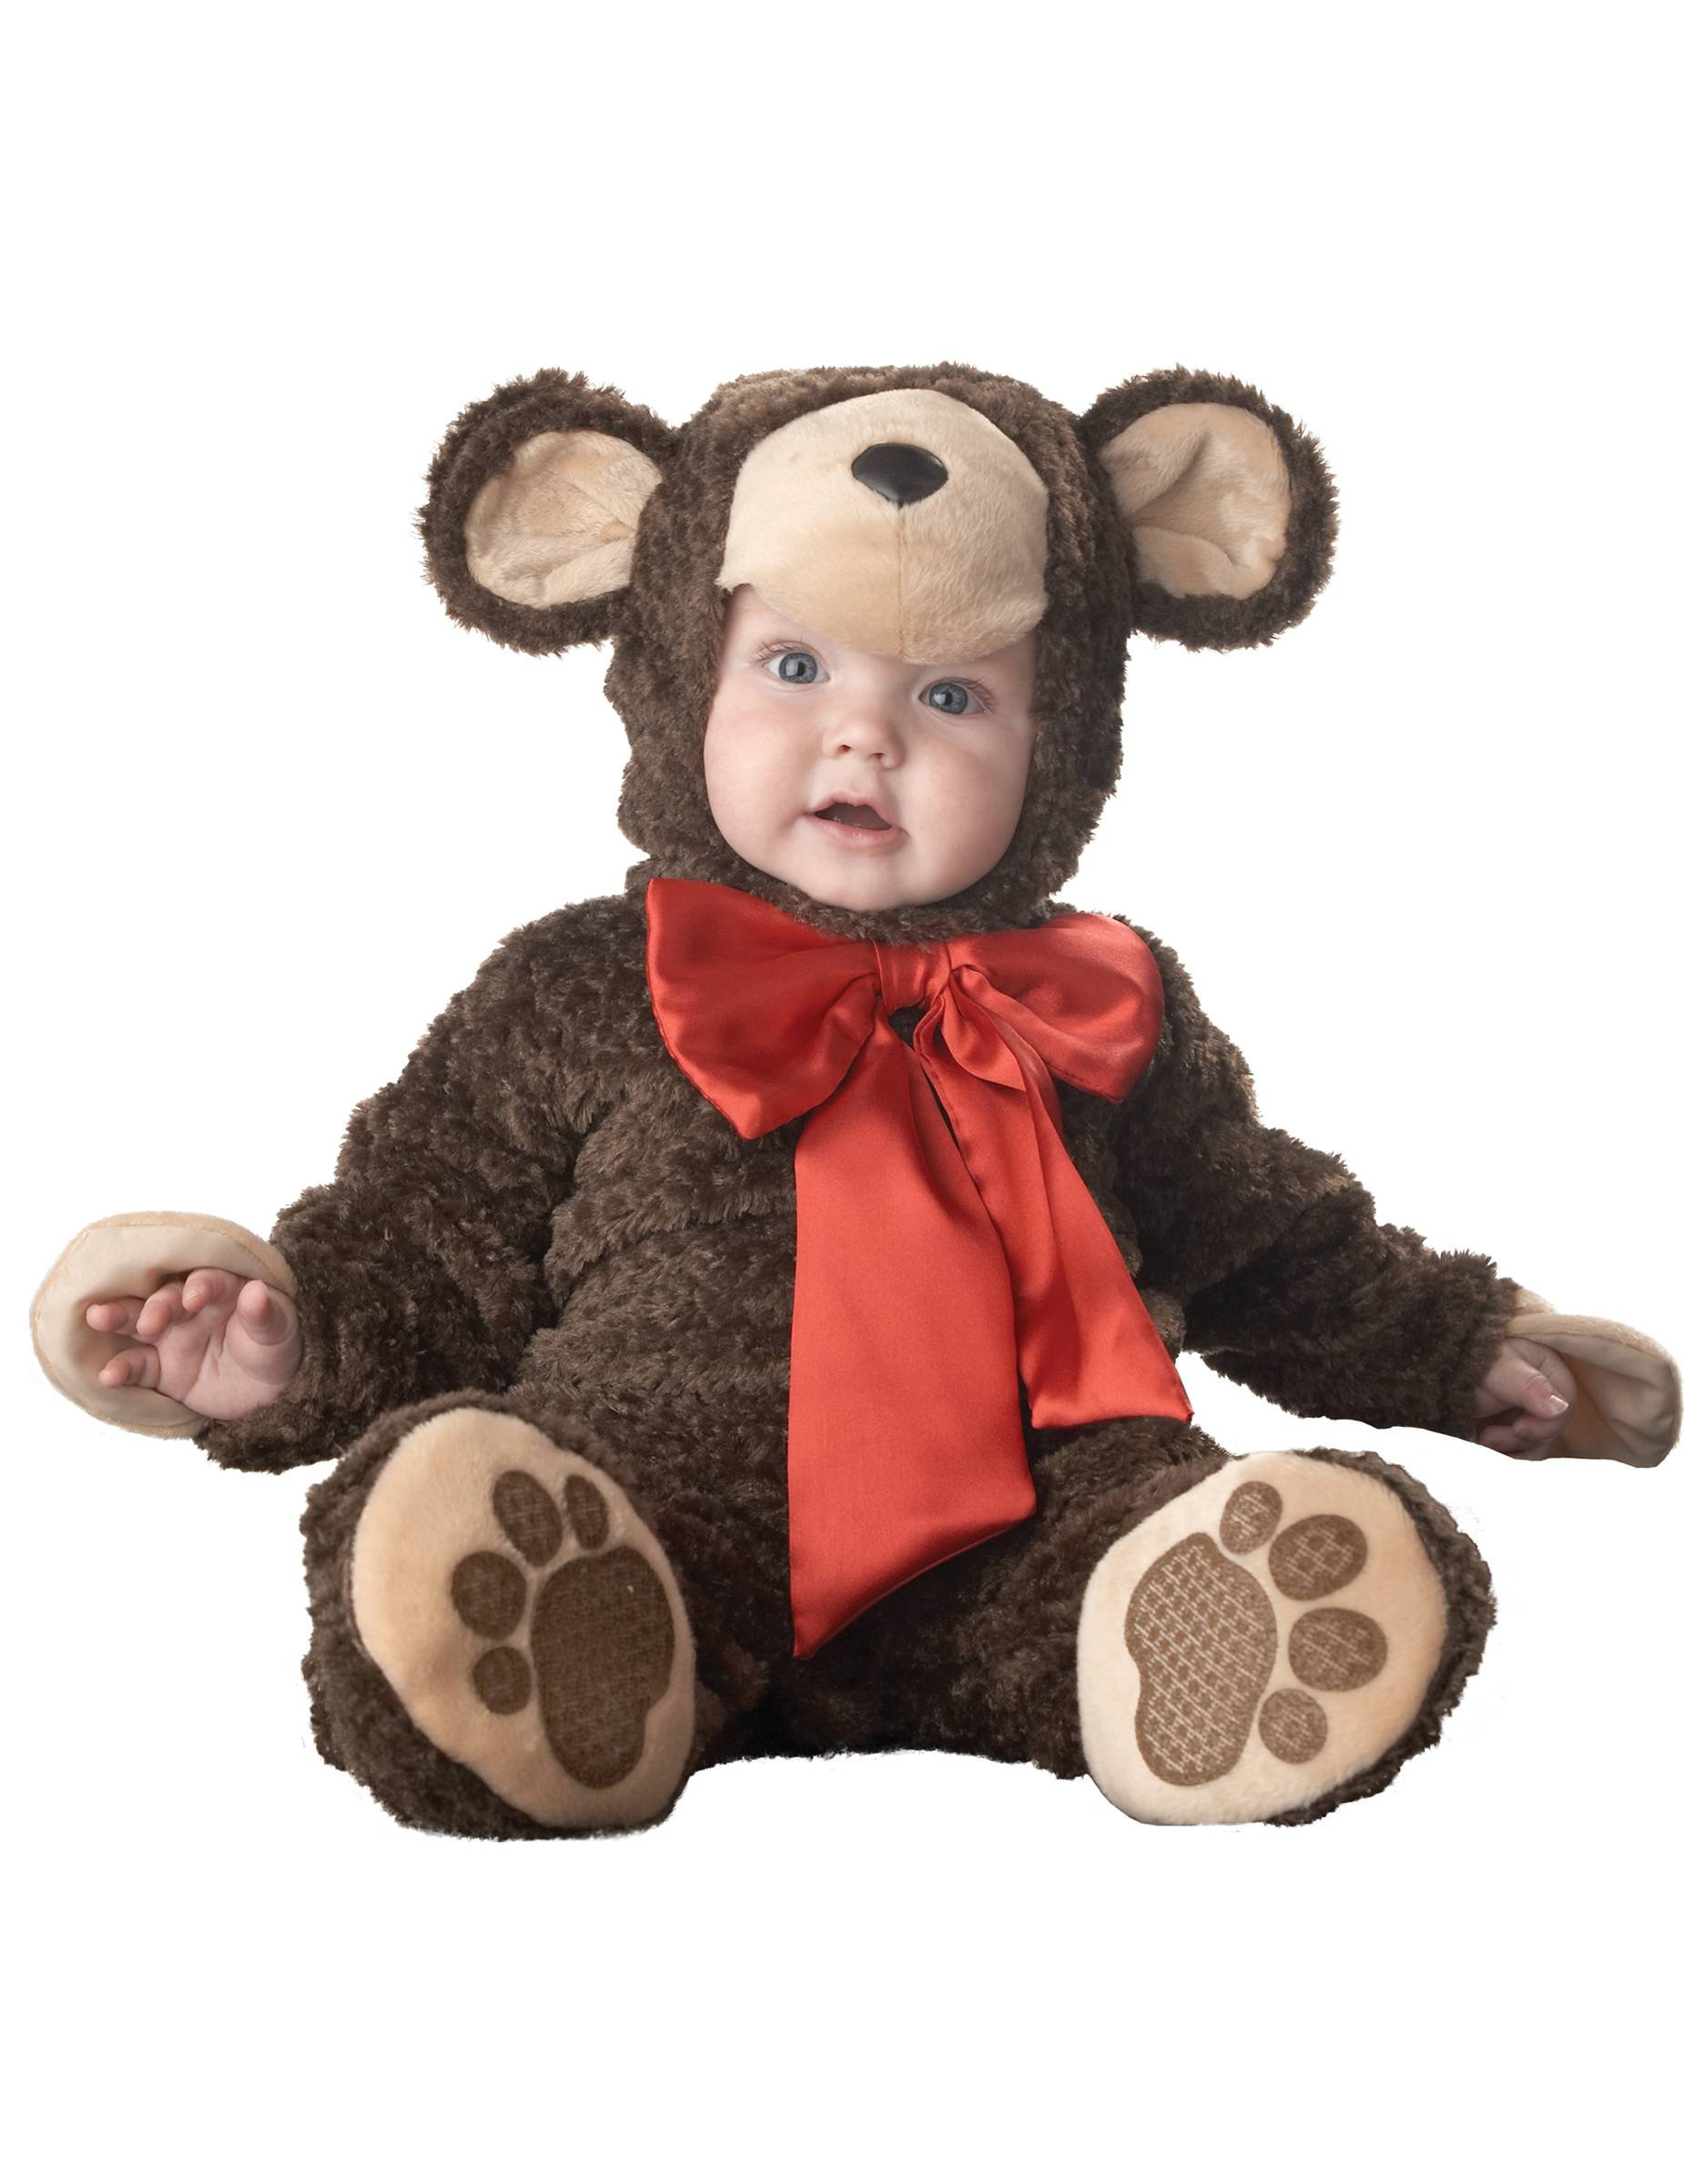 Deguisetoi Déguisement ourson pour bébé - Luxe - Taille: 0-6 mois (58-66 cm)